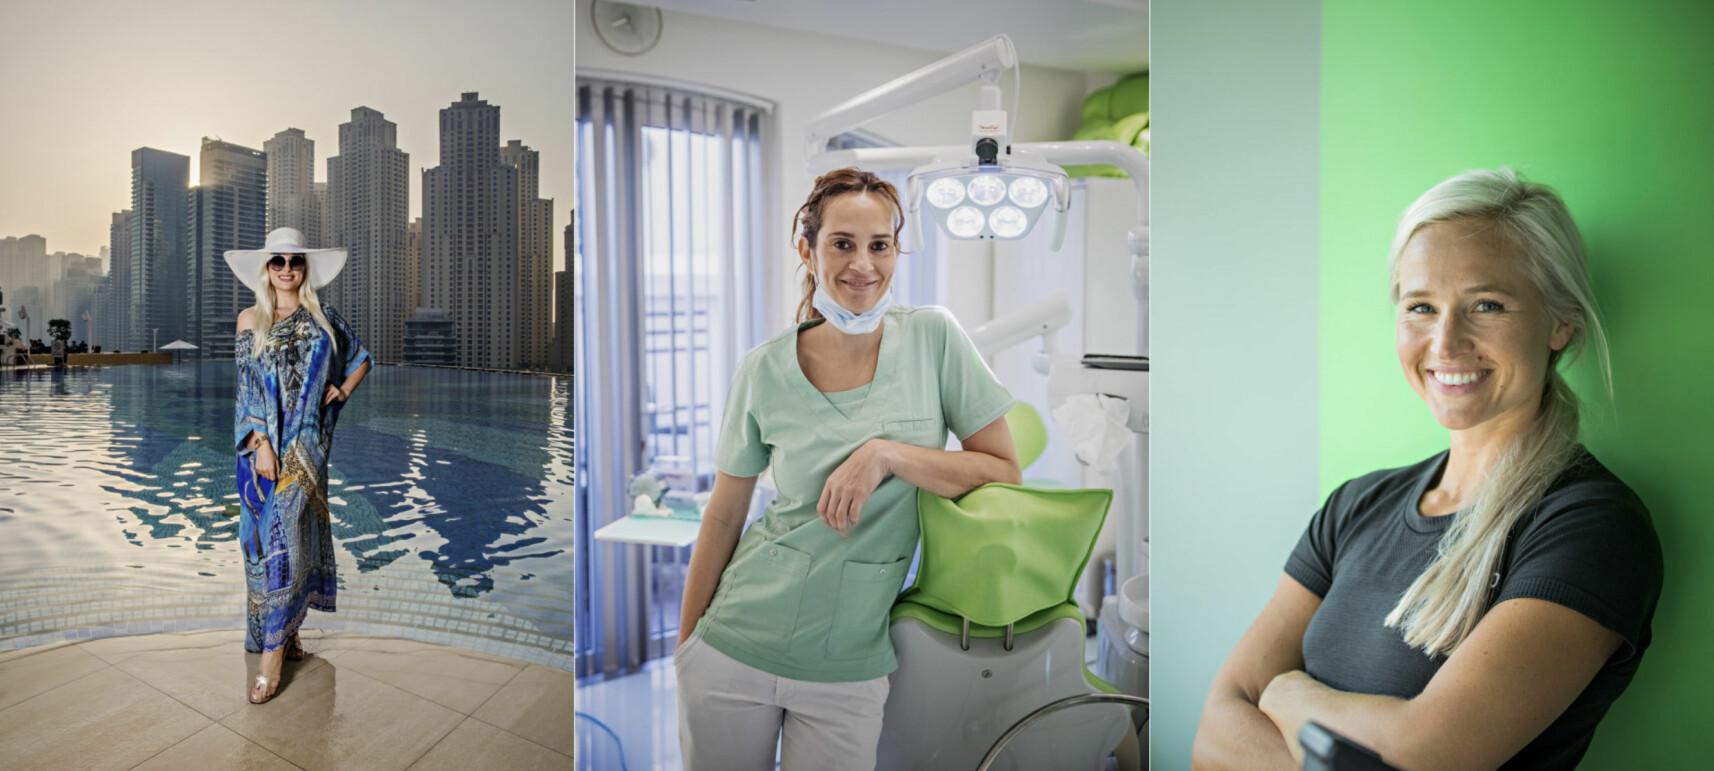 LUKSUS: Den ene selger eiendommer til flere millioner, den andre eier sin egen tann- og kosmetisk kirurgiklinikk, mens den tredje driver et eksklusivt treningsstudio og har flere tusen følgere på Instagram. Slik er livet i Dubai for Annette Rian Skjølberg, Kathrin Tynnes Trelles og Inger Houghton. Foto: Jørn H. Moen